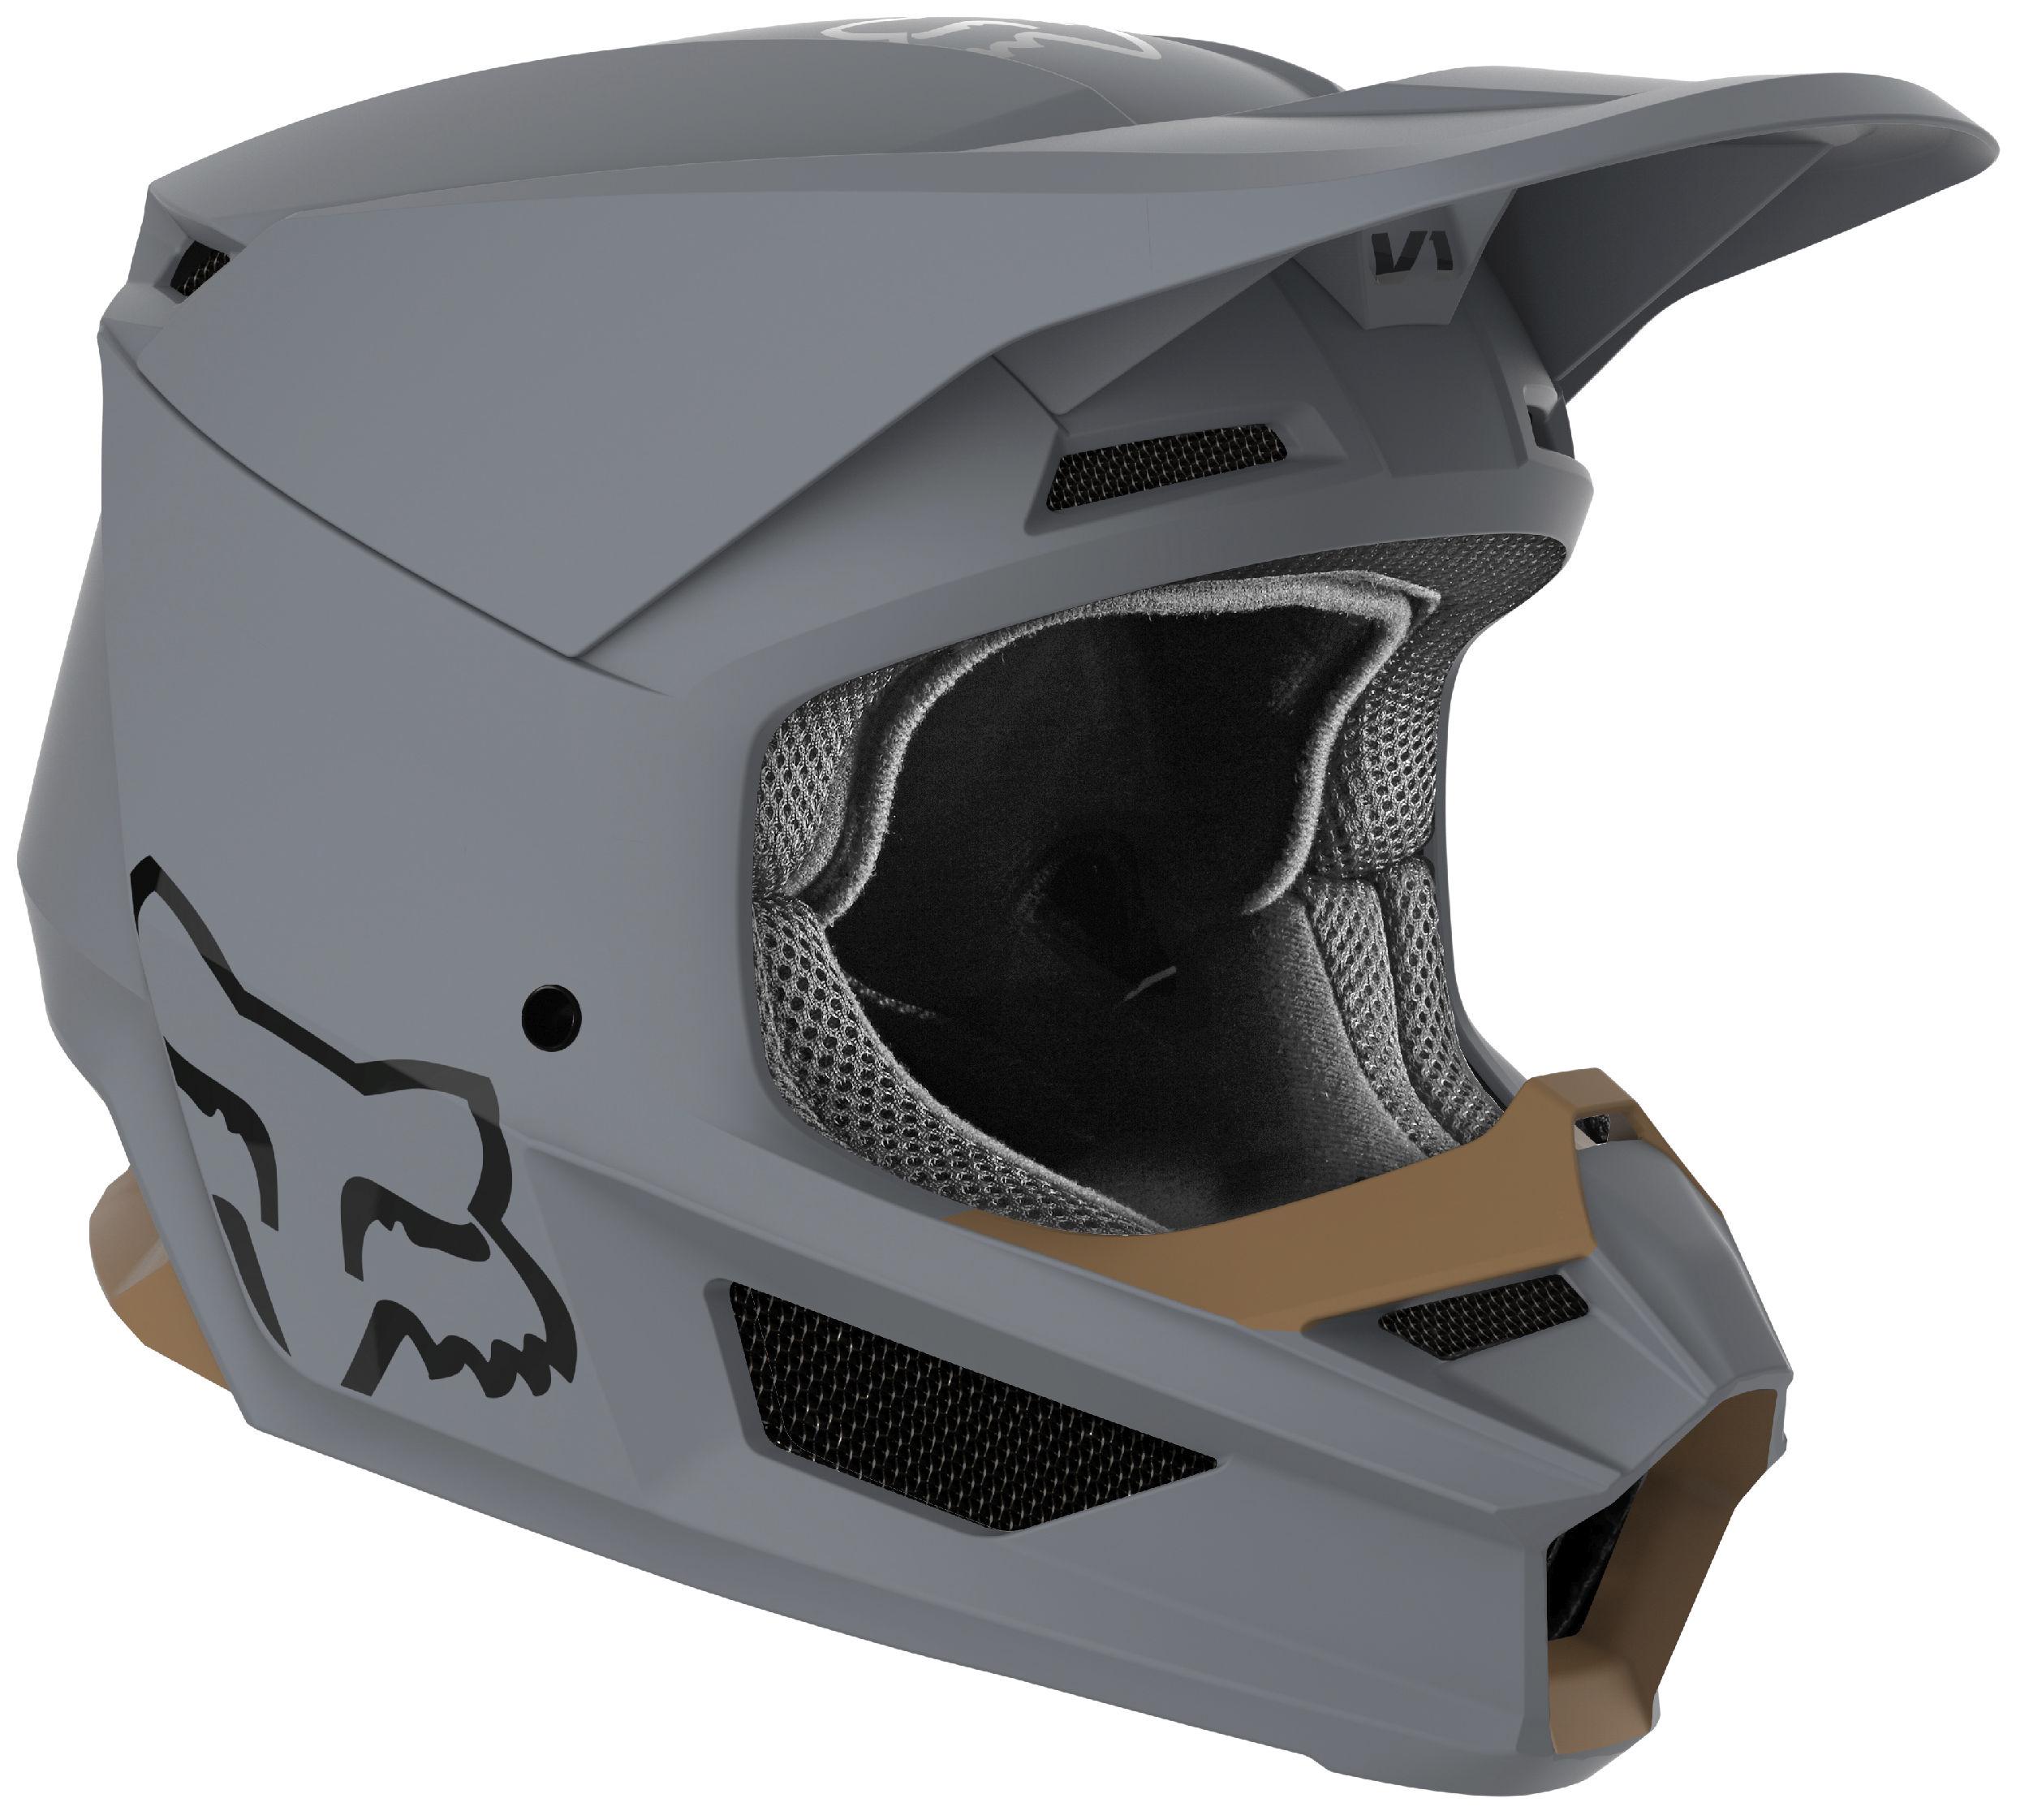 Fox Racing Adult V1 Matte White Dirt Bike Helmet Motocross ATV UTV